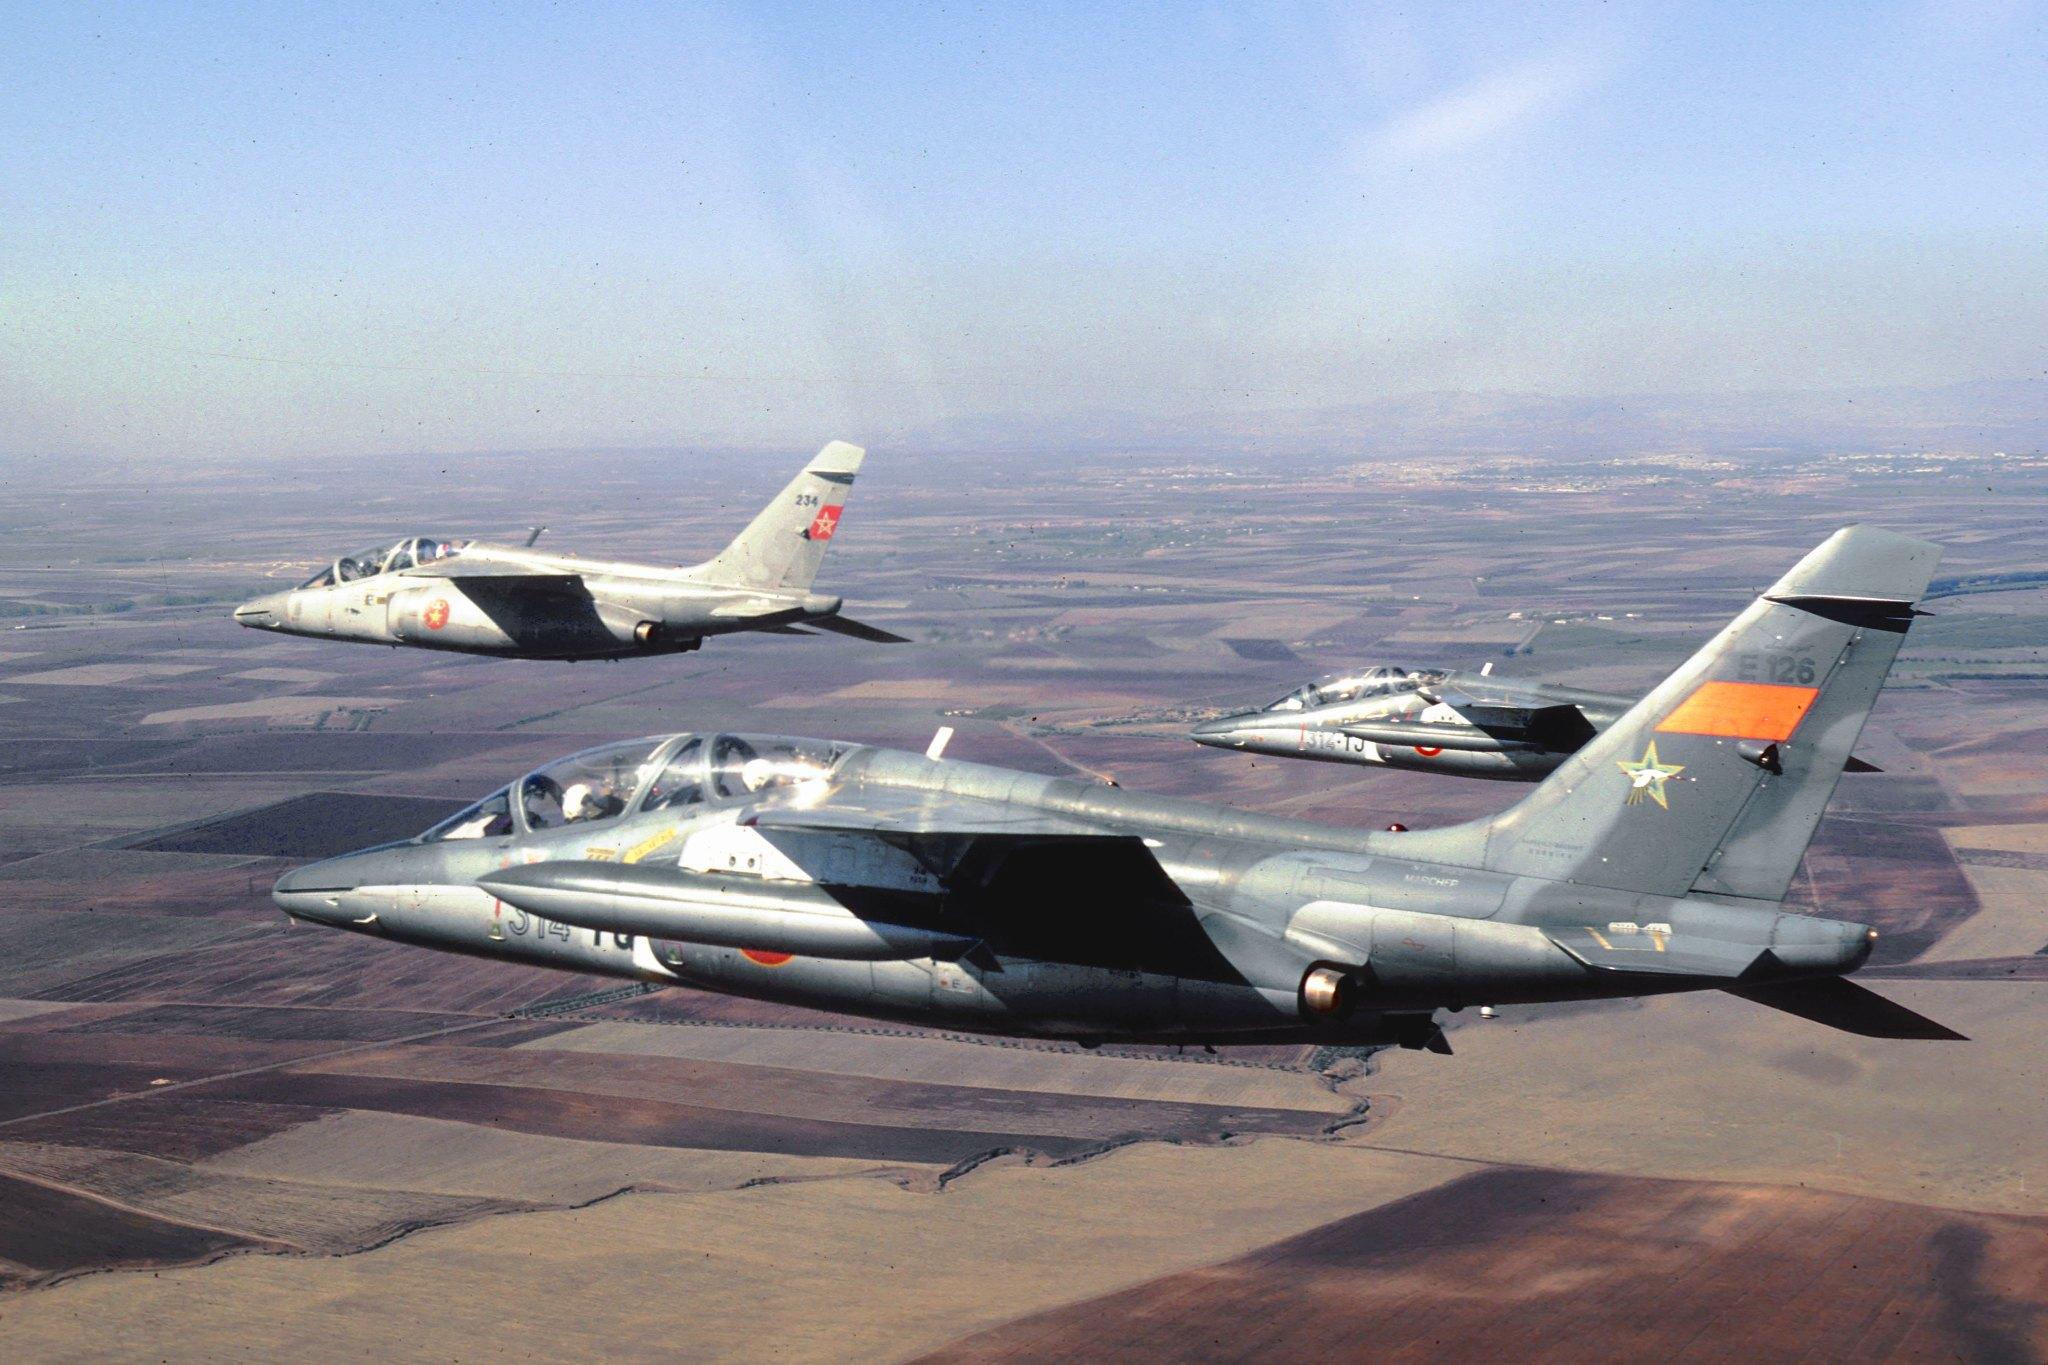 FRA: Photos avions d'entrainement et anti insurrection - Page 9 49461310351_ff685802f6_k